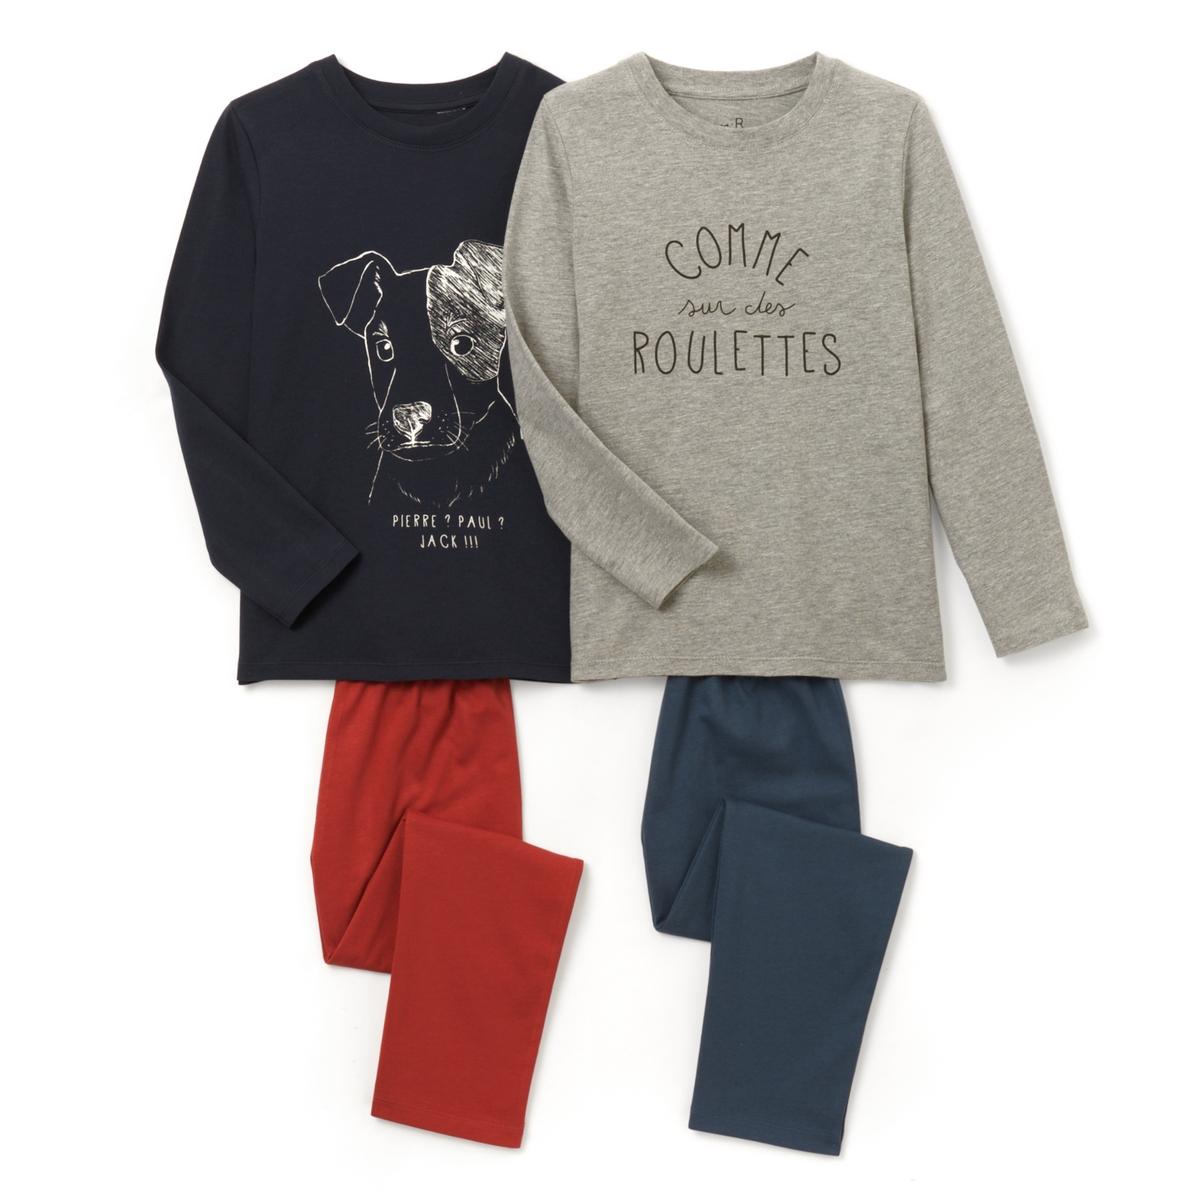 2 пижамы 2-12 летПижама: футболка с длинными рукавами и брюки. В комплекте 2 пижамы: Футболки с разными рисунками  . Брюки однотонные с эластичными поясами.Состав и описание :    Материал       Джерси 100% хлопок  (кроме цвета серый меланж: преимущественно из хлопка).  Уход: : - Машинная стирка при 30°C с вещами схожих цветов. Стирать, сушить и гладить с изнаночной стороны. Машинная сушка в умеренном режиме. Гладить на низкой температуре.<br><br>Цвет: синий + серый меланж + красный<br>Размер: 2 года - 86 см.12 лет -150 см.10 лет - 138 см.6 лет - 114 см.3 года - 94 см.5 лет - 108 см.8 лет - 126 см.4 года - 102 см